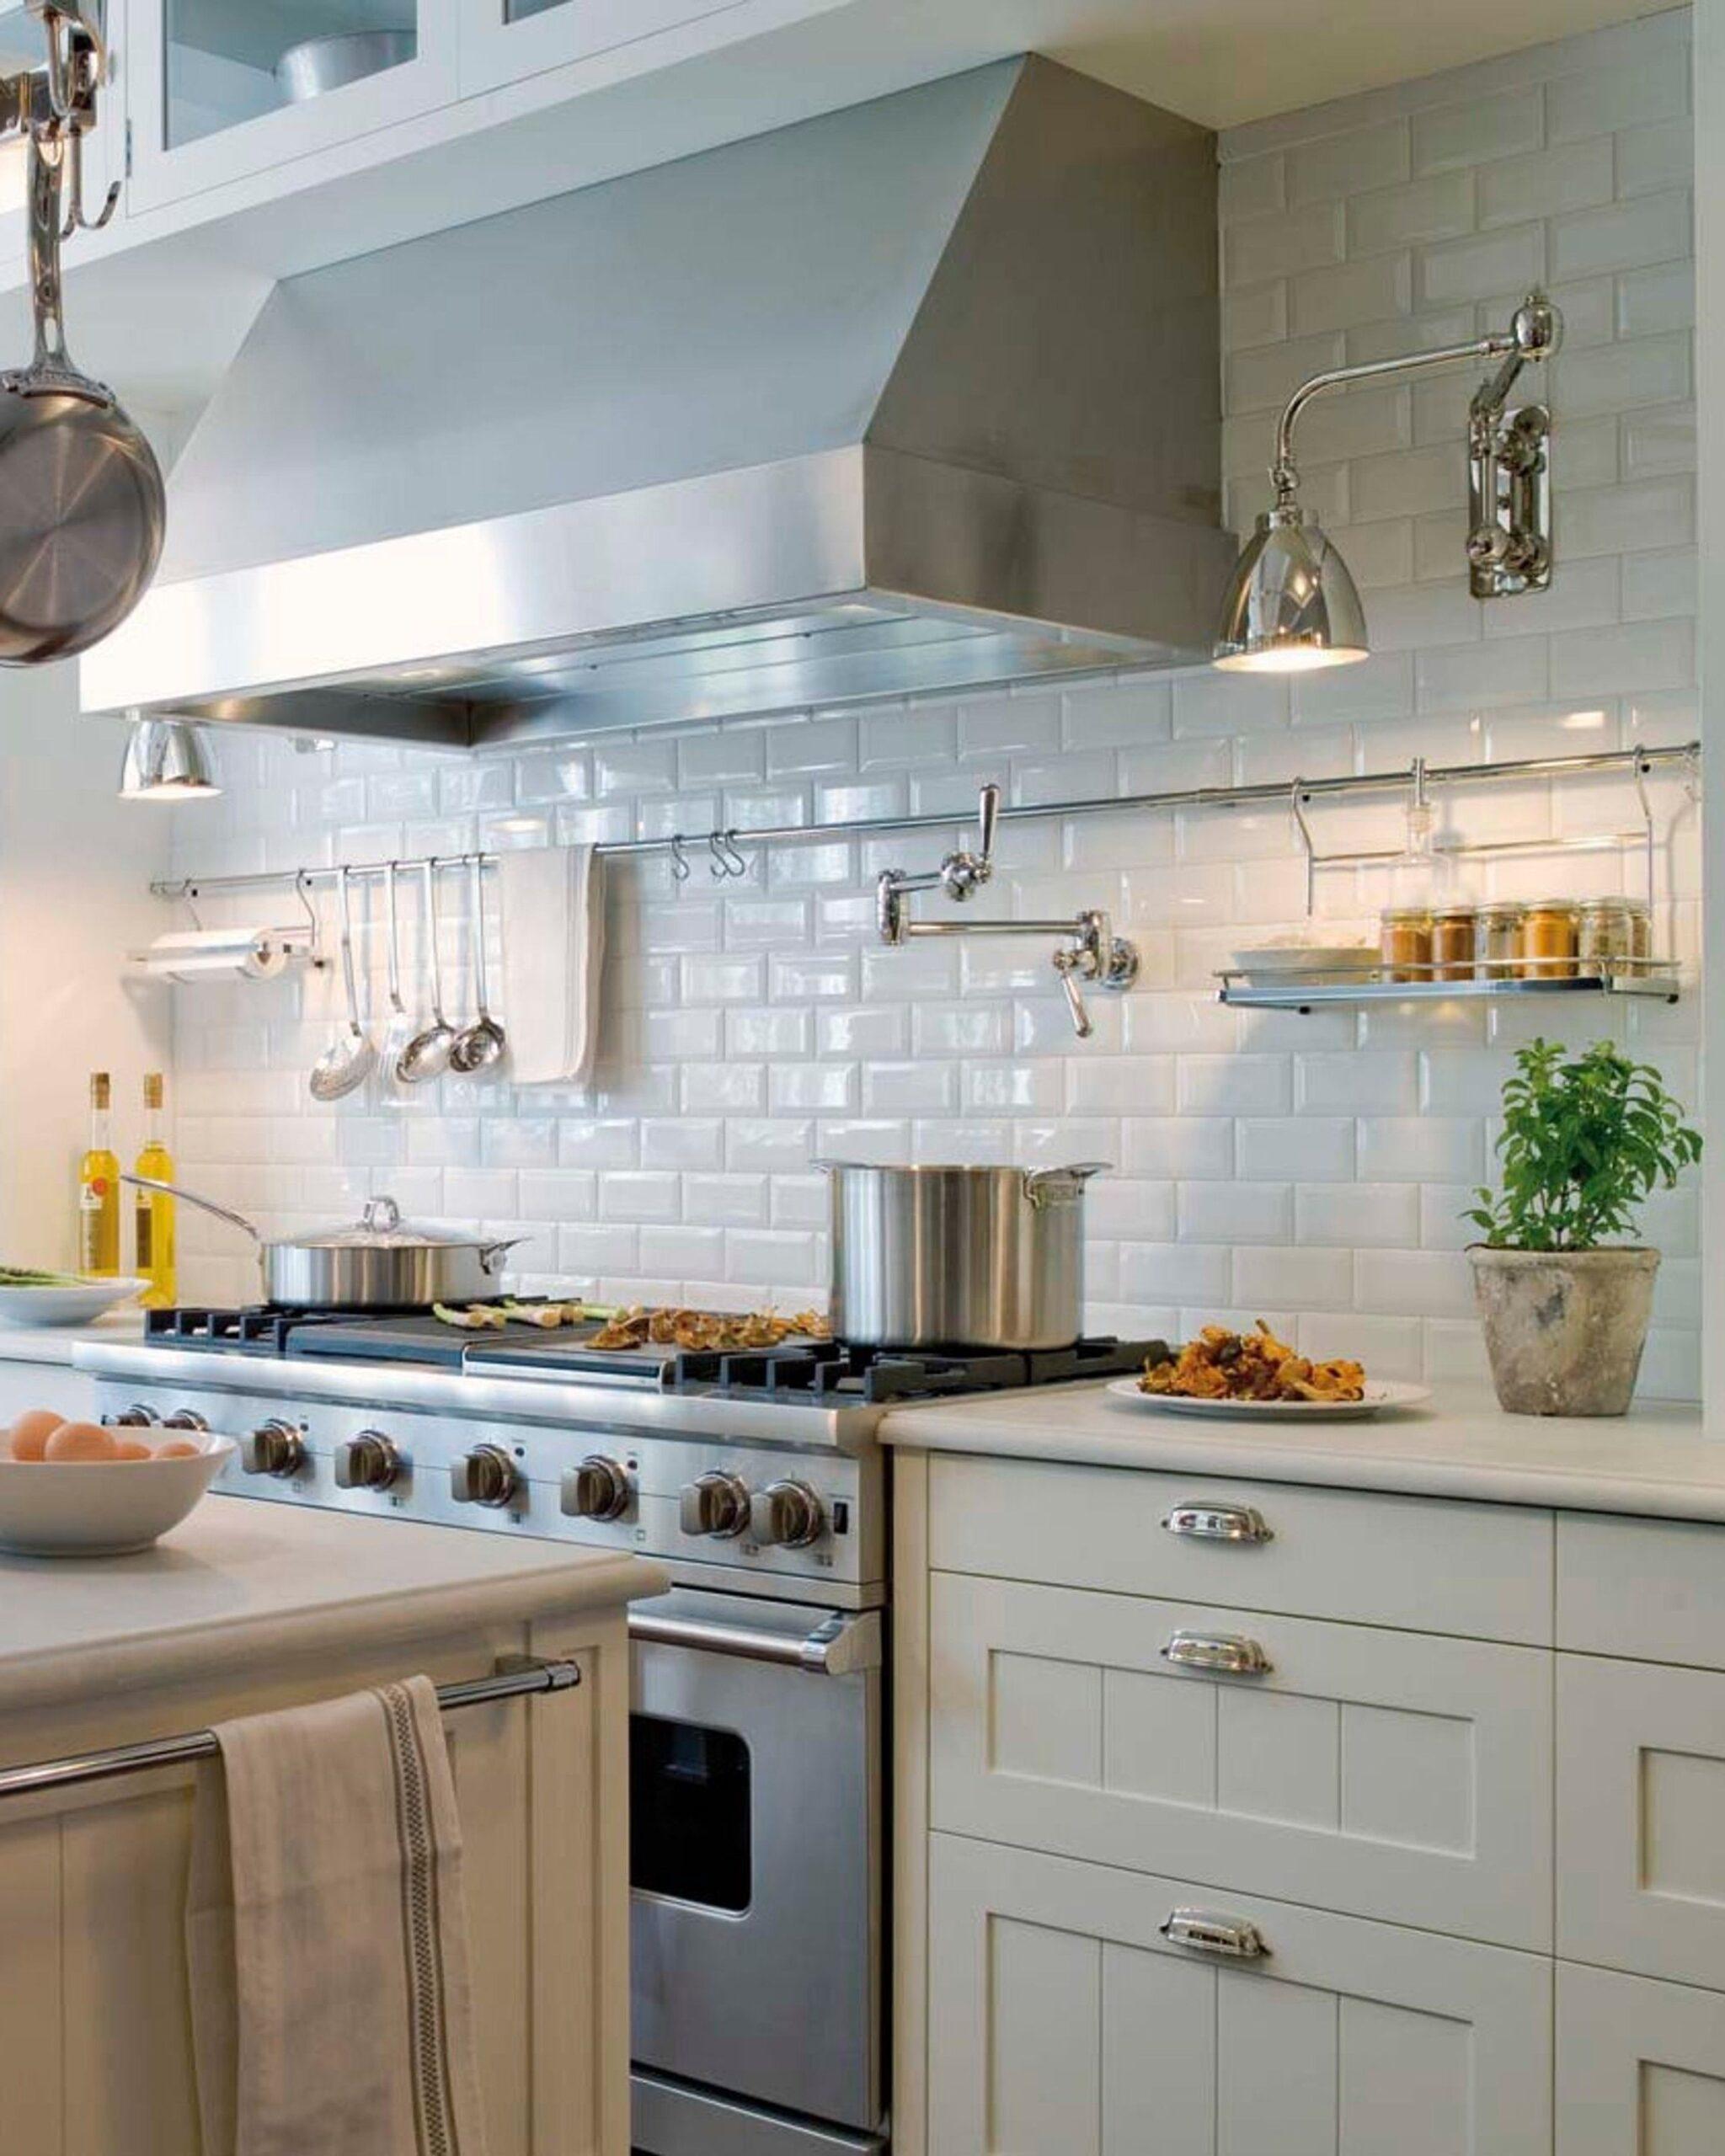 Full Size of Kleine Küche Kaufen Metrofliesen 7 Wasserhahn Einbauküche Gebraucht Mobile Sofa Kleines Wohnzimmer Betten Ausstellungsküche Deckenlampe Was Kostet Eine Wohnzimmer Kleine Küche Kaufen